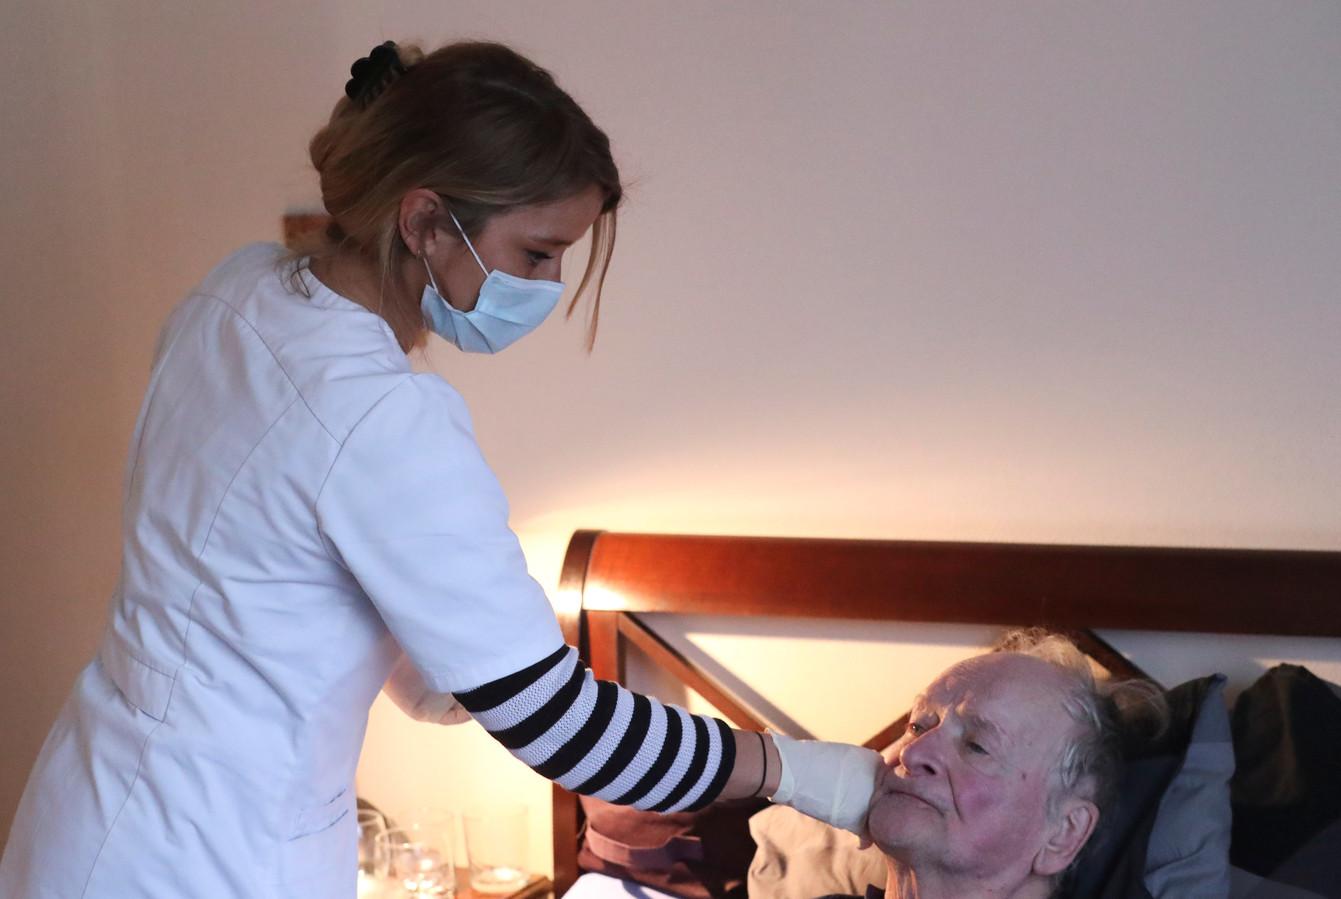 Laura Angeli, infirmière à domicile en Belgique, avec l'un de ses patients.